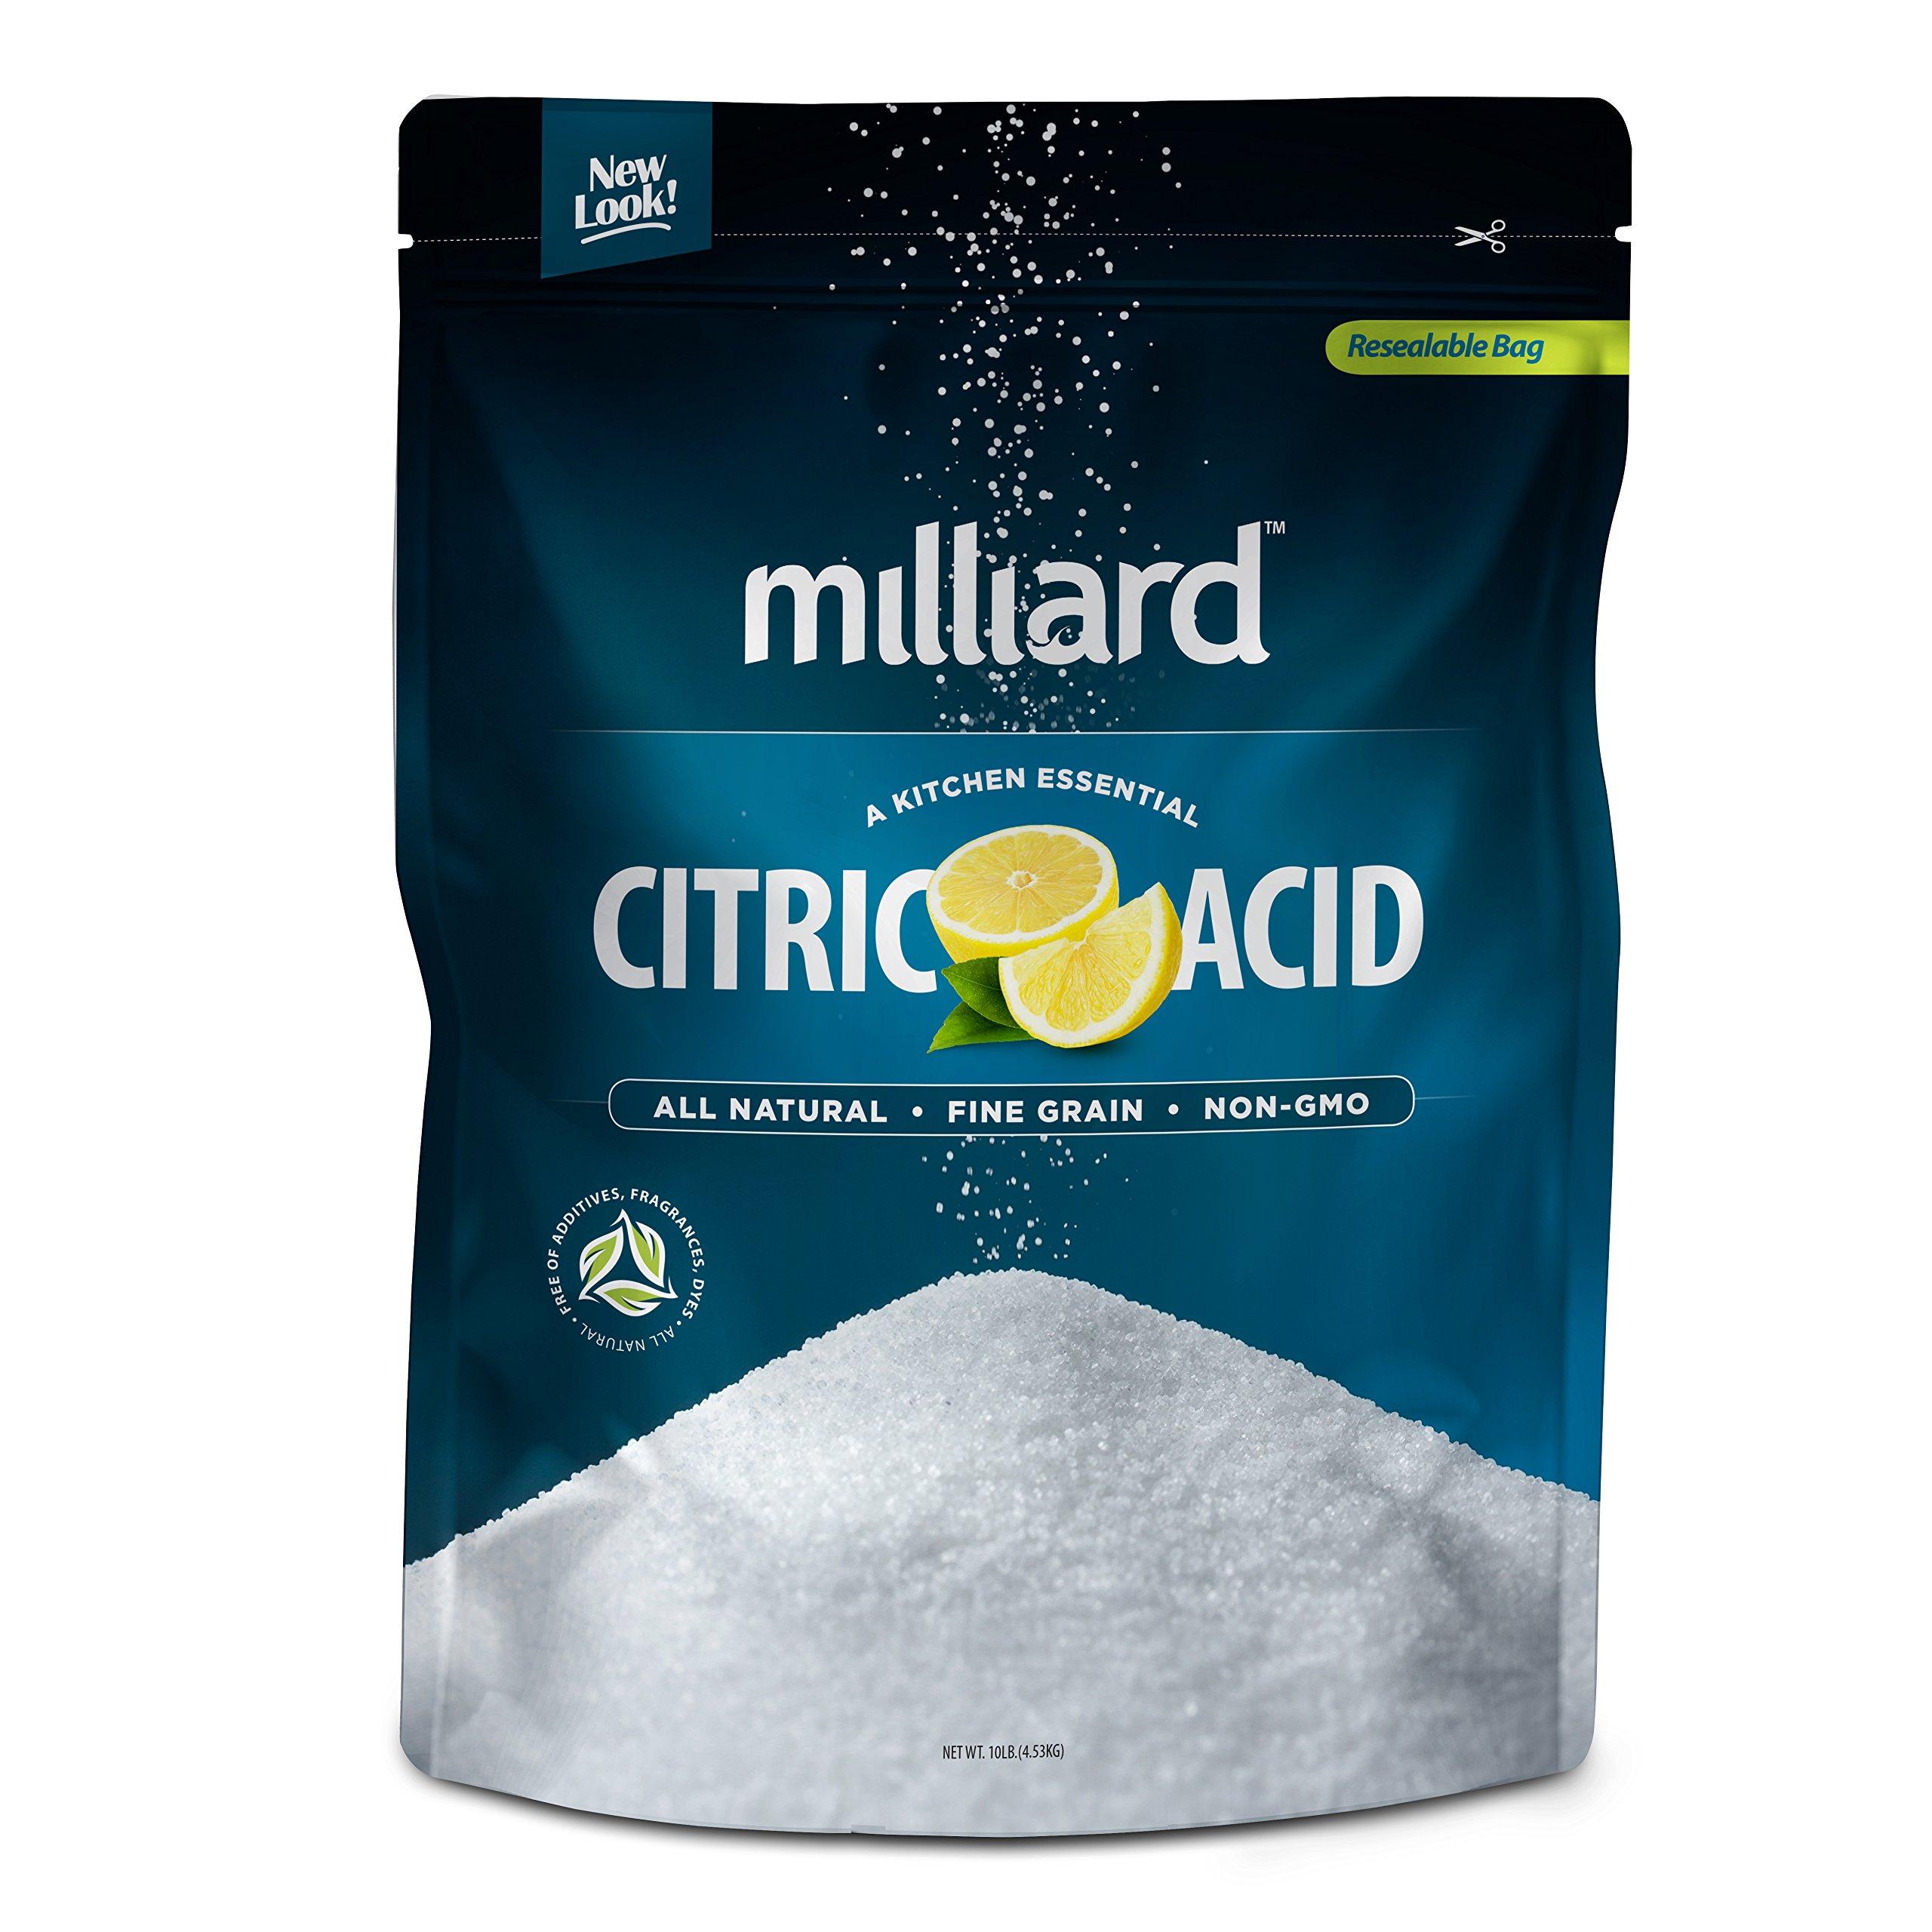 Milliard Citric Acid - 10 Pound - 100% Pure Food Grade NON-GMO (10 Pound)